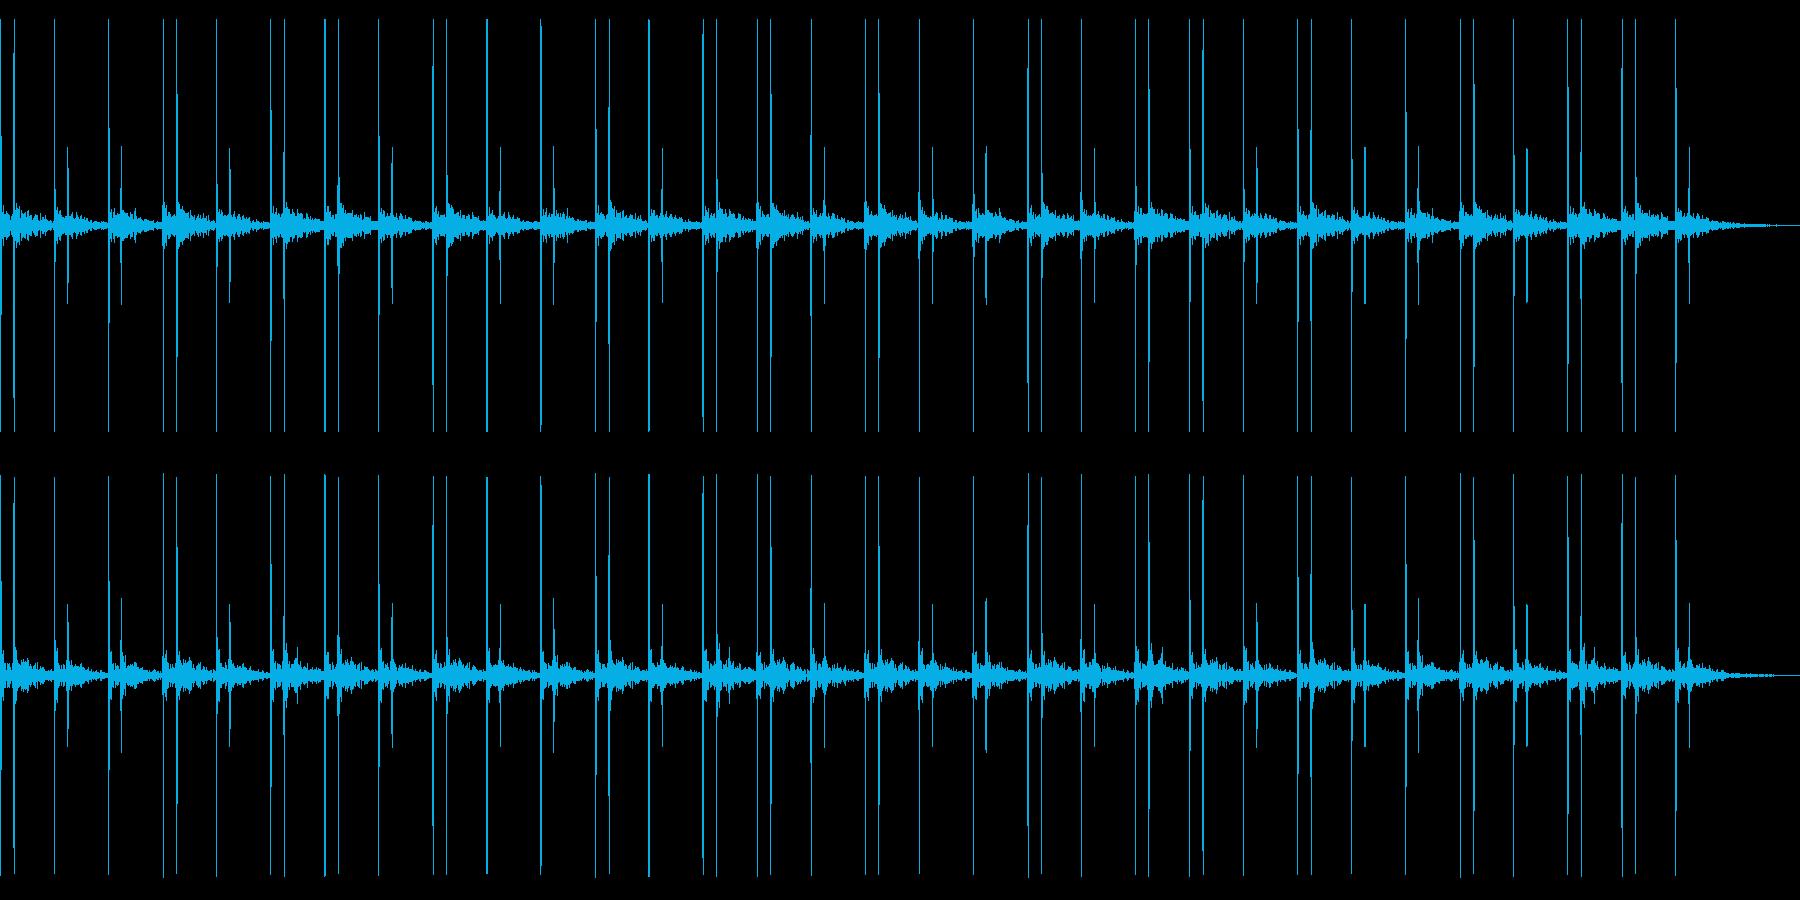 リバーブのかかった心臓音の再生済みの波形